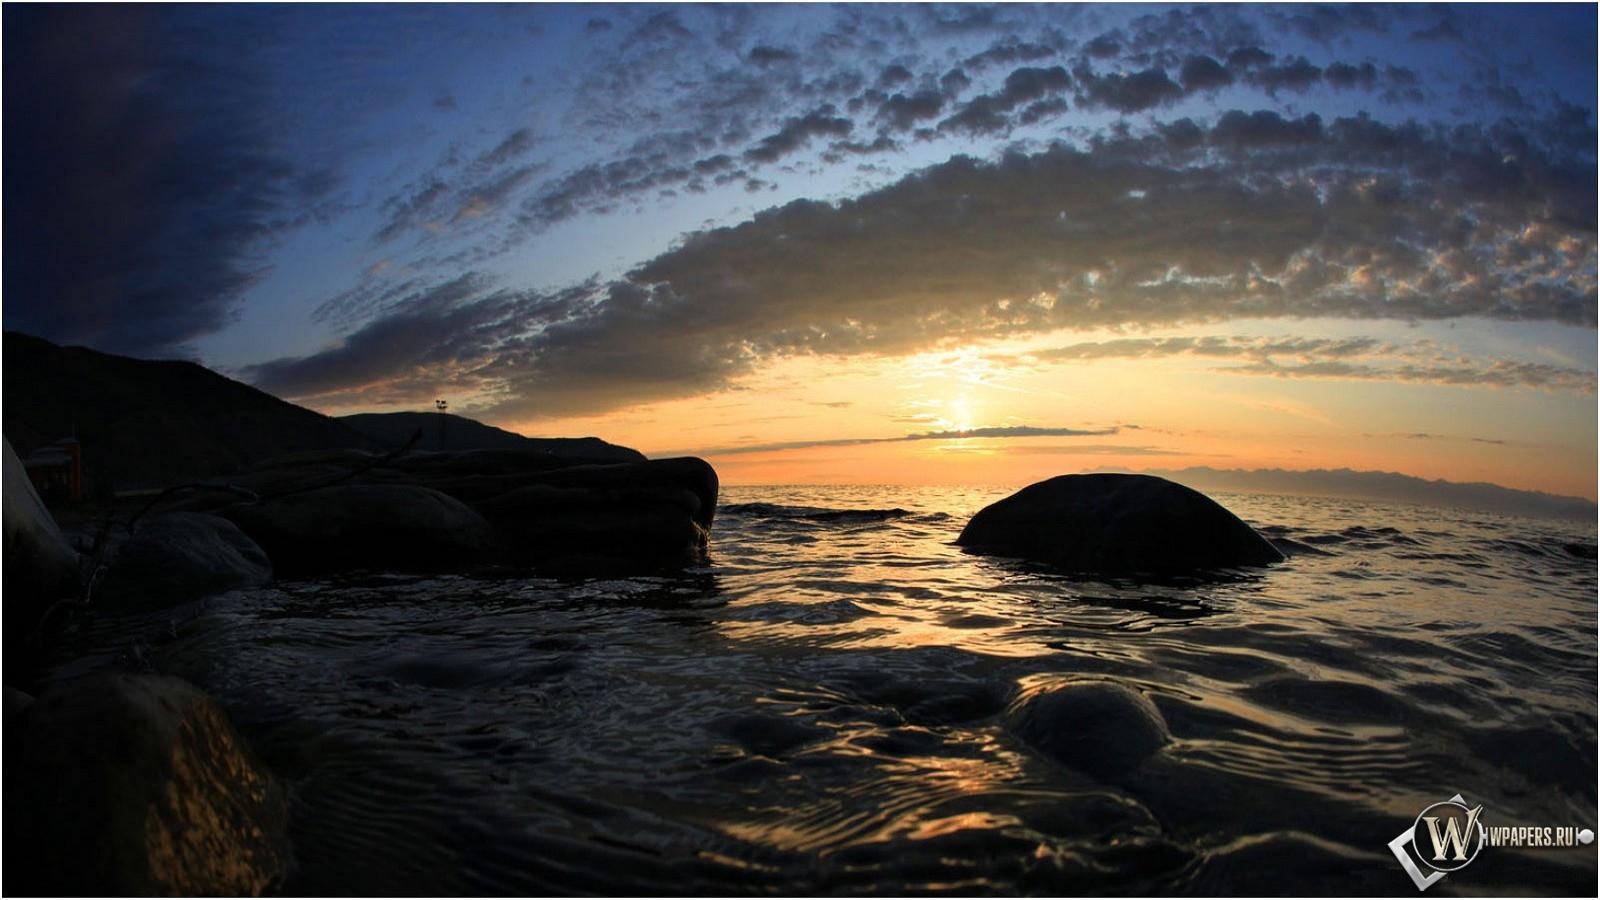 Каменистый берег Байкала 1600x900